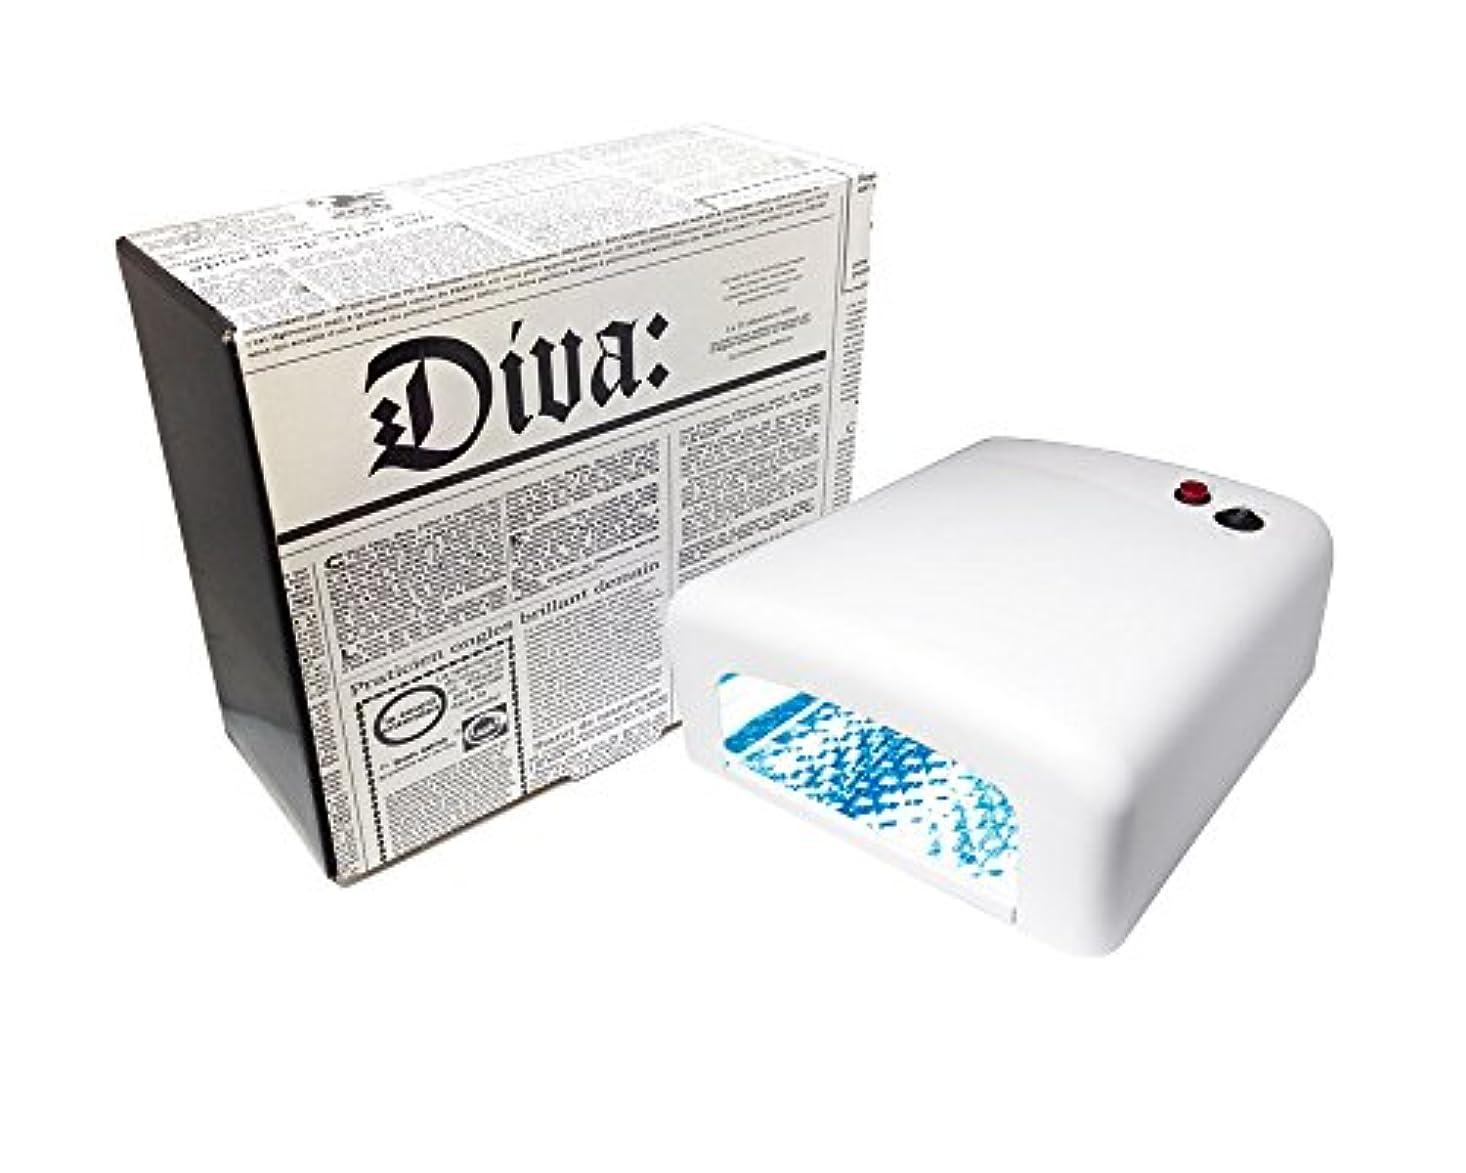 全能フォアタイプ憎しみDiva(ディーヴァ) UVライト36W(UVランプ) 本体 ホワイト